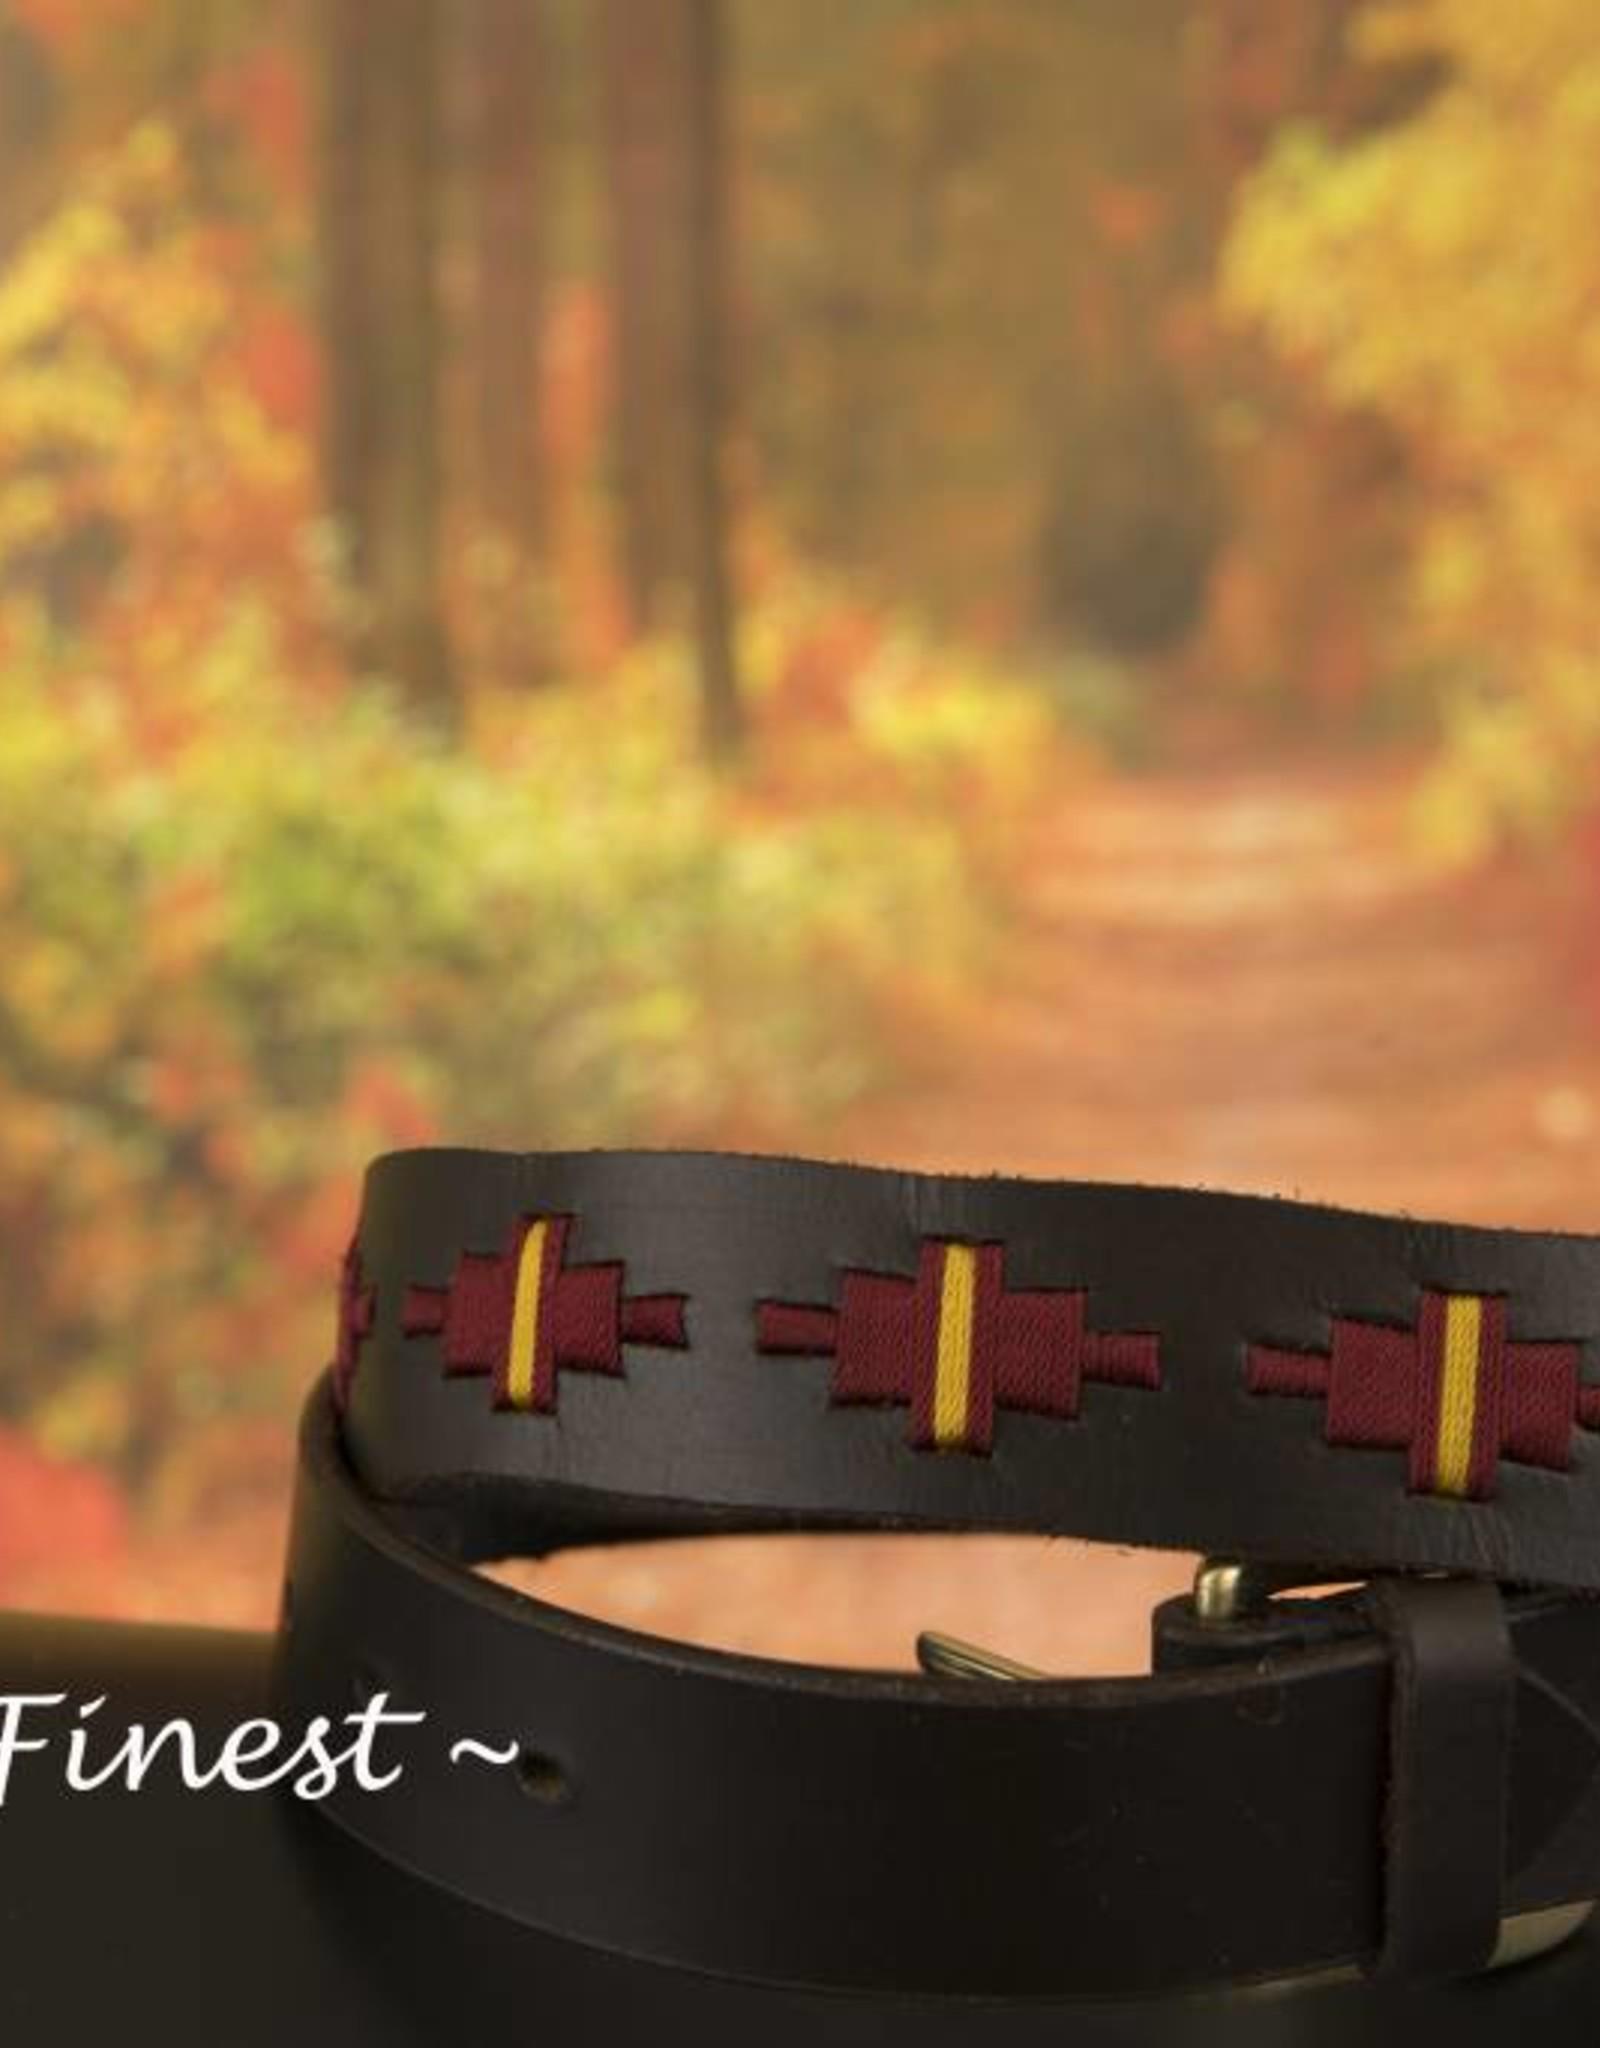 Ascot's Finest Polo riem met rood en geel stiksel – 88 t/m 98 cm